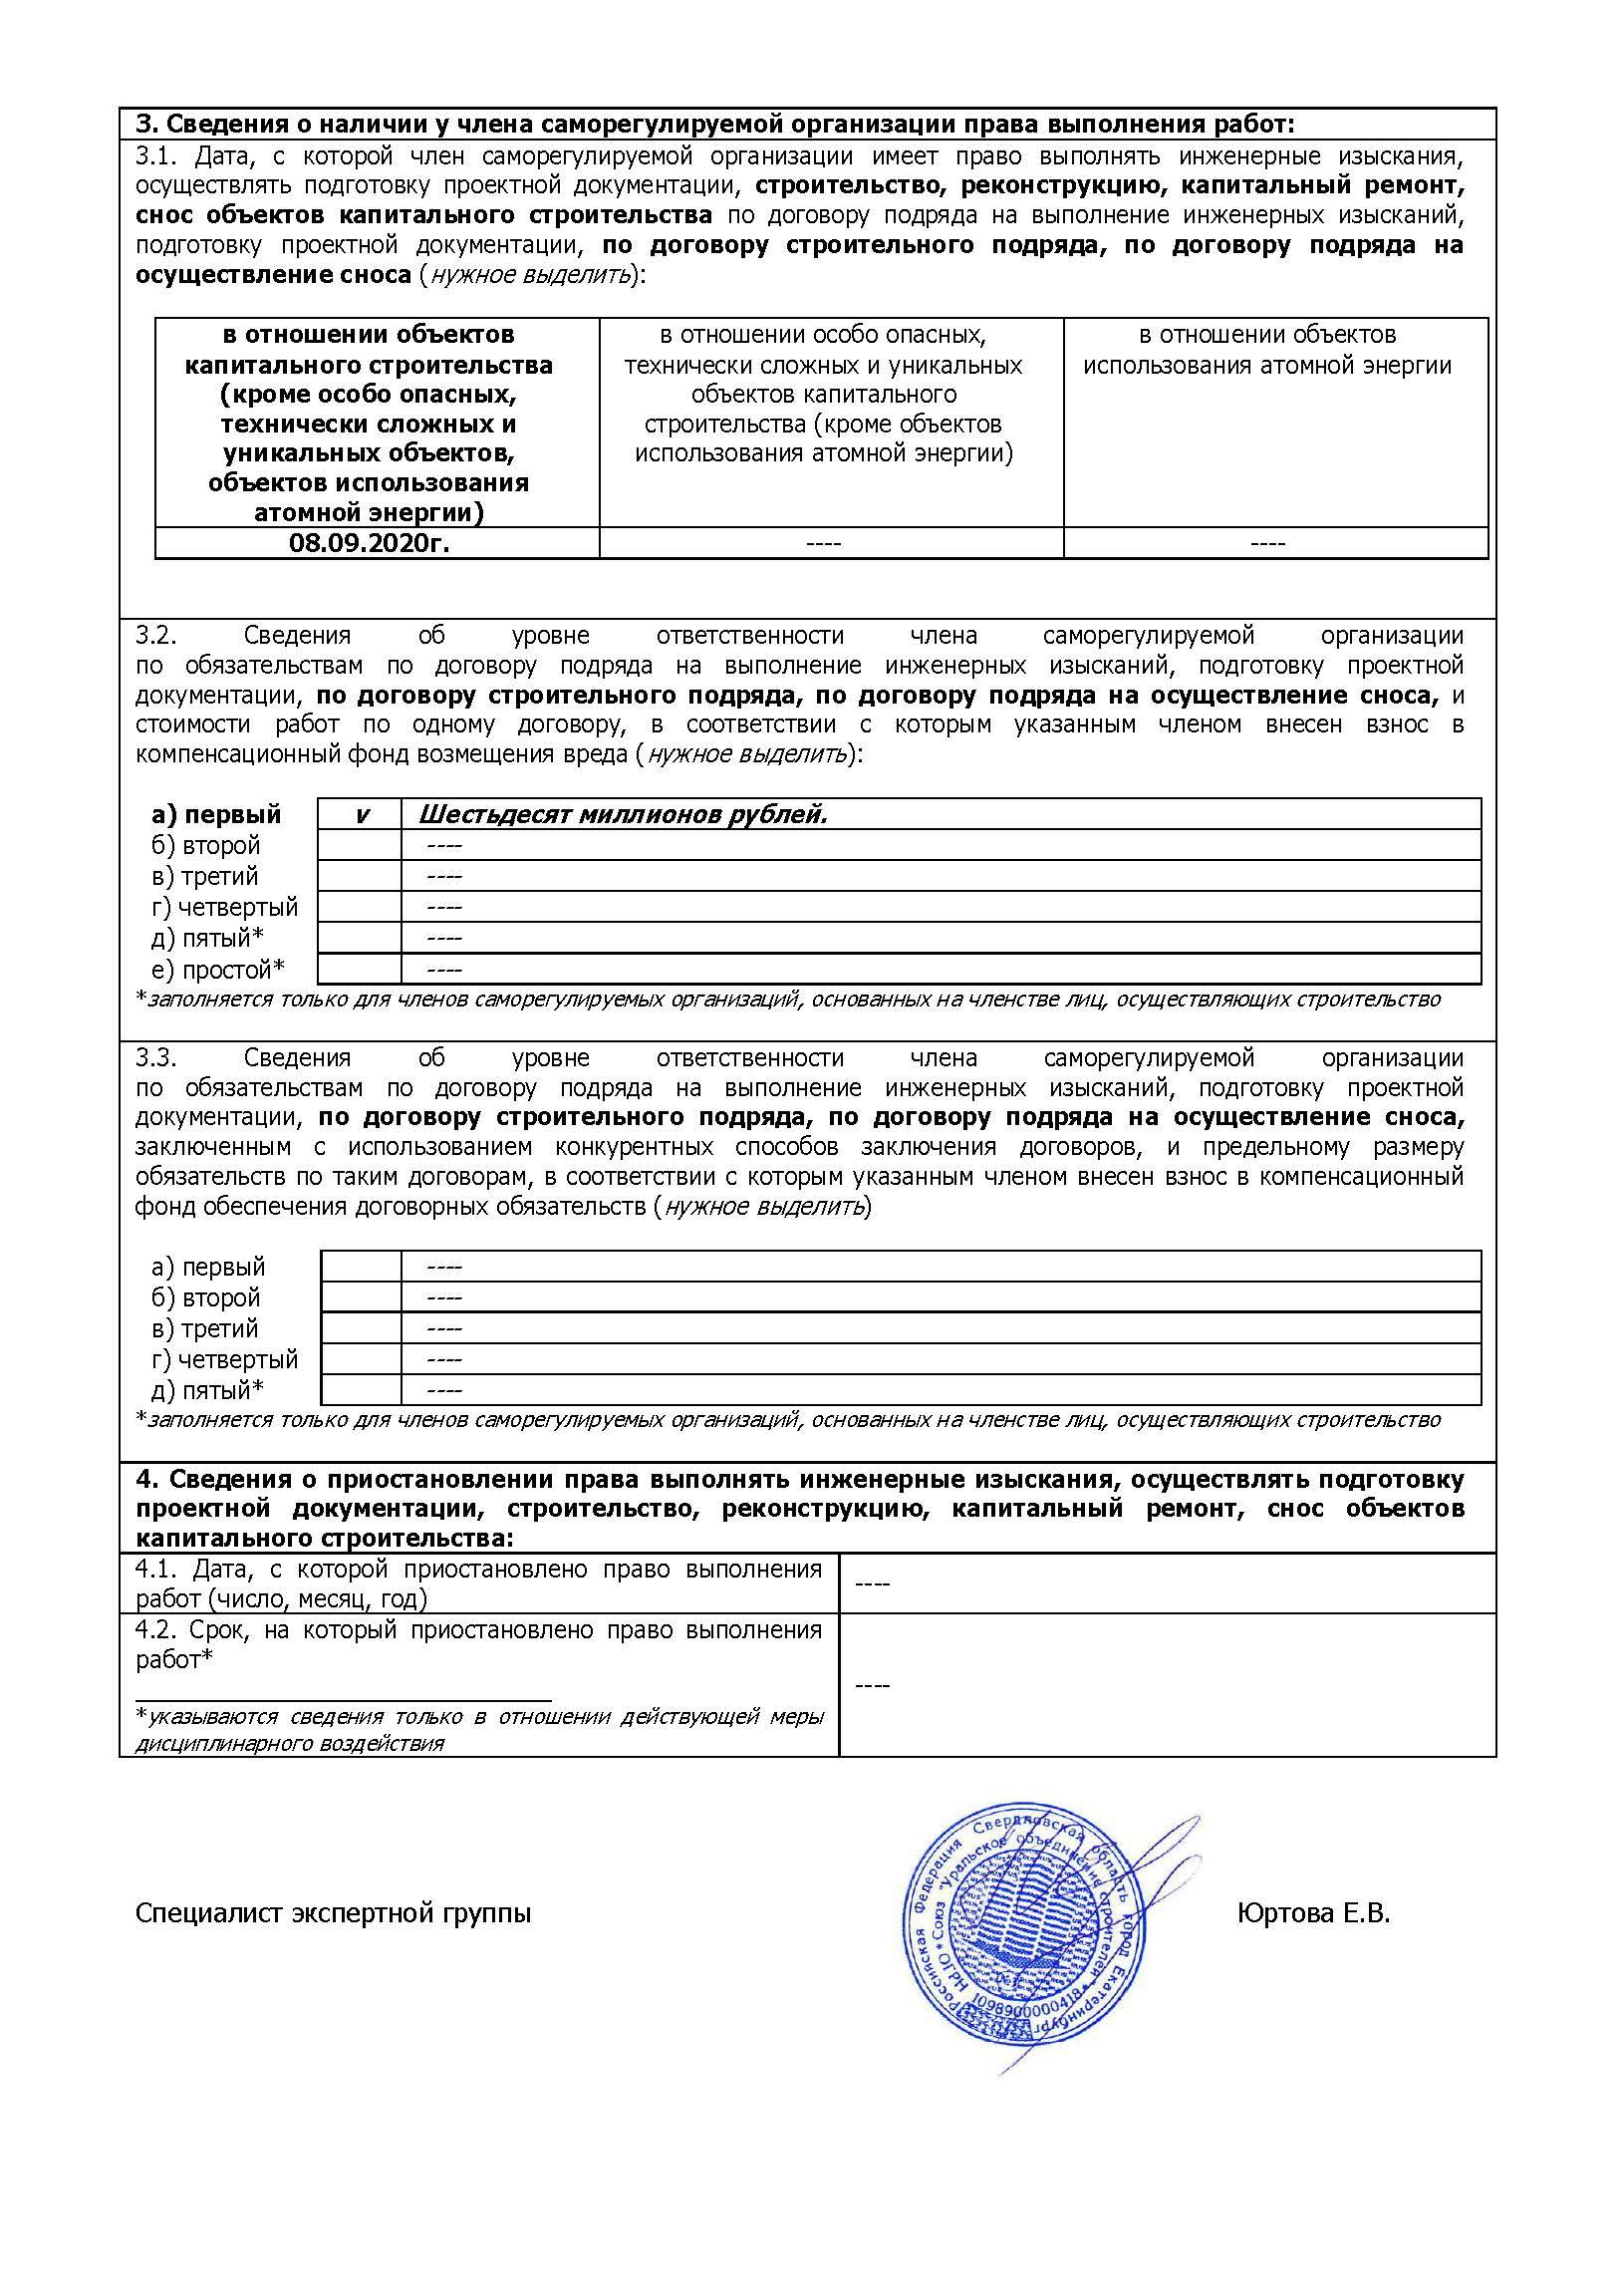 PDF - ava-iso_2